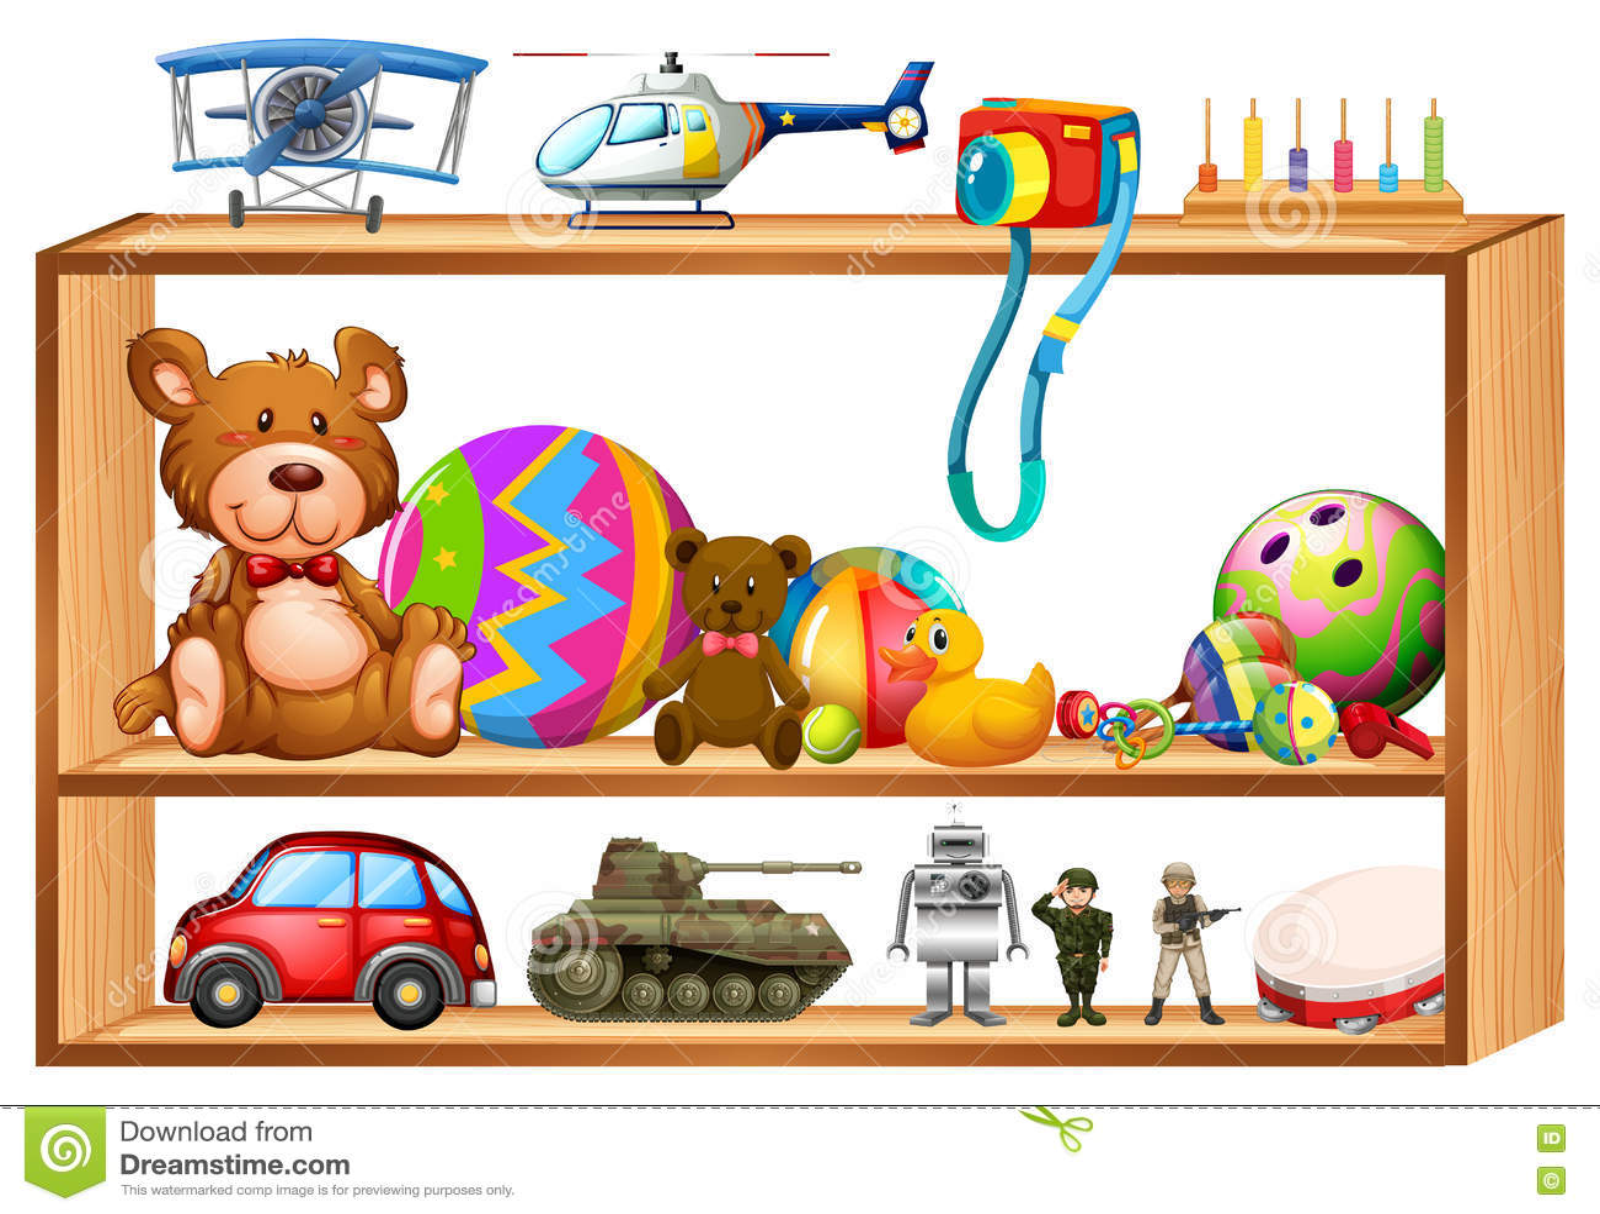 Juguetes en estantes de madera ilustraci n del vector - Estantes para guardar juguetes ...